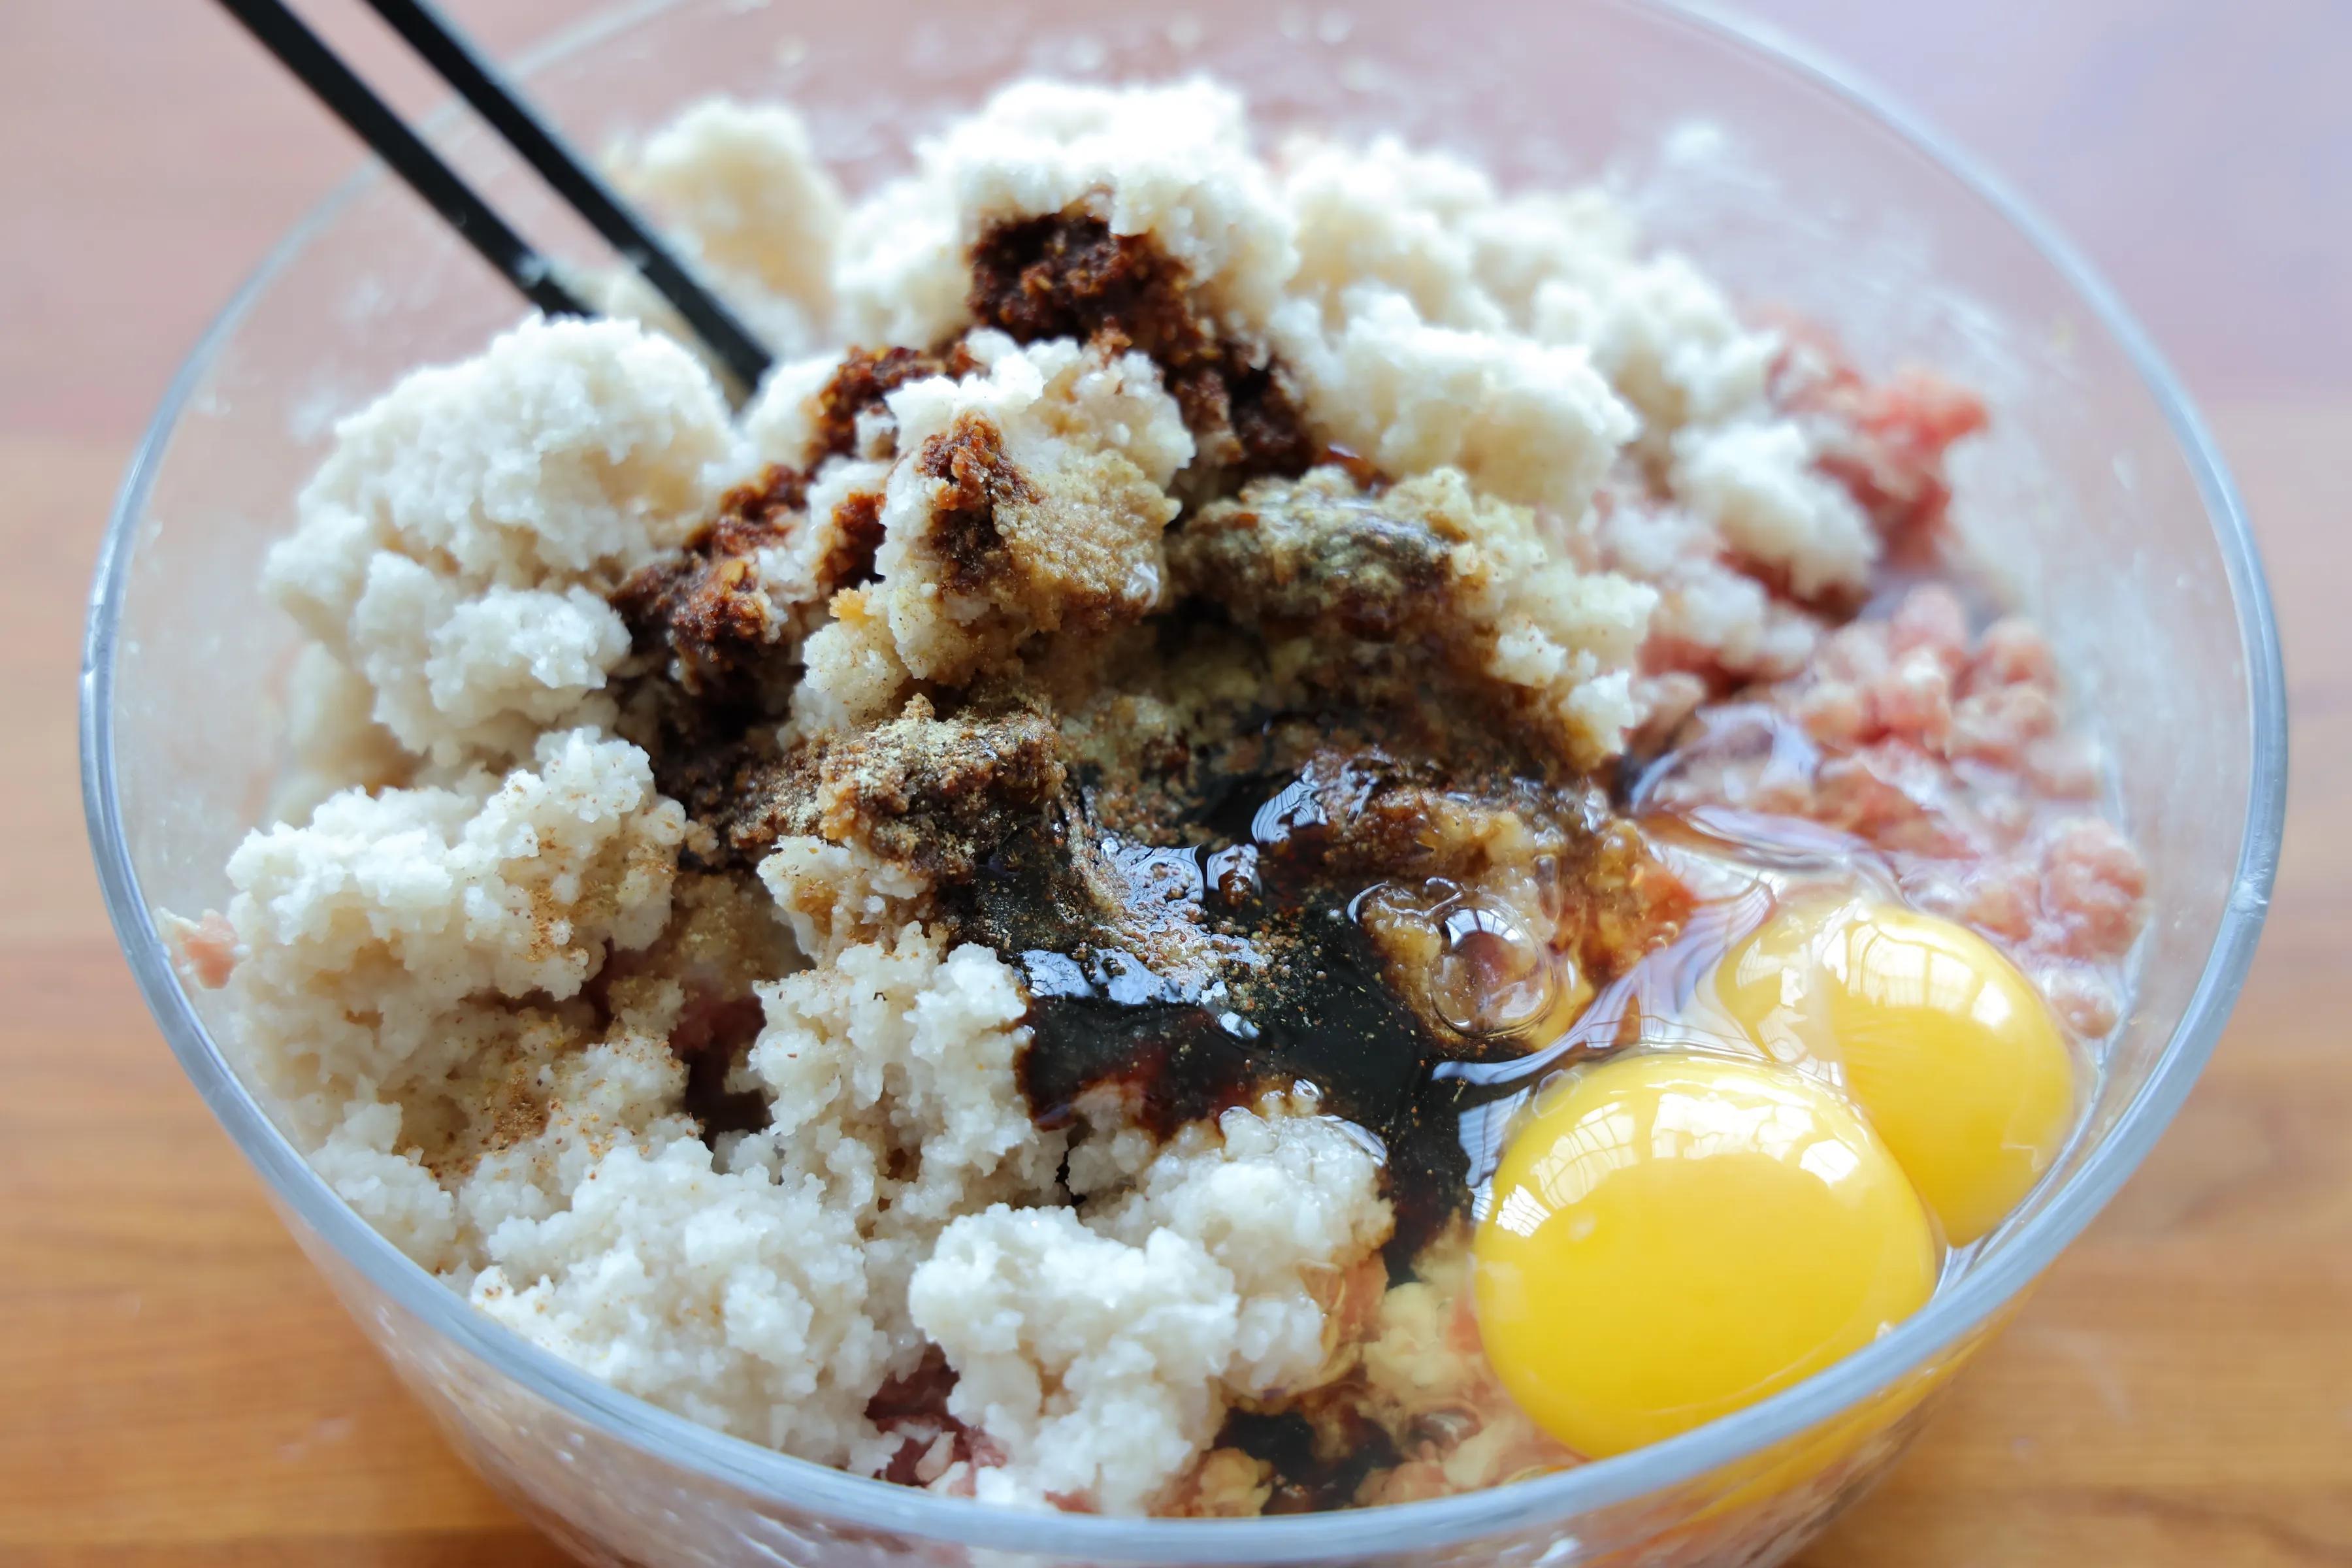 冬天一定要吃藕丸子,炖汤炖菜都好吃,一次多做一点,管够一个月